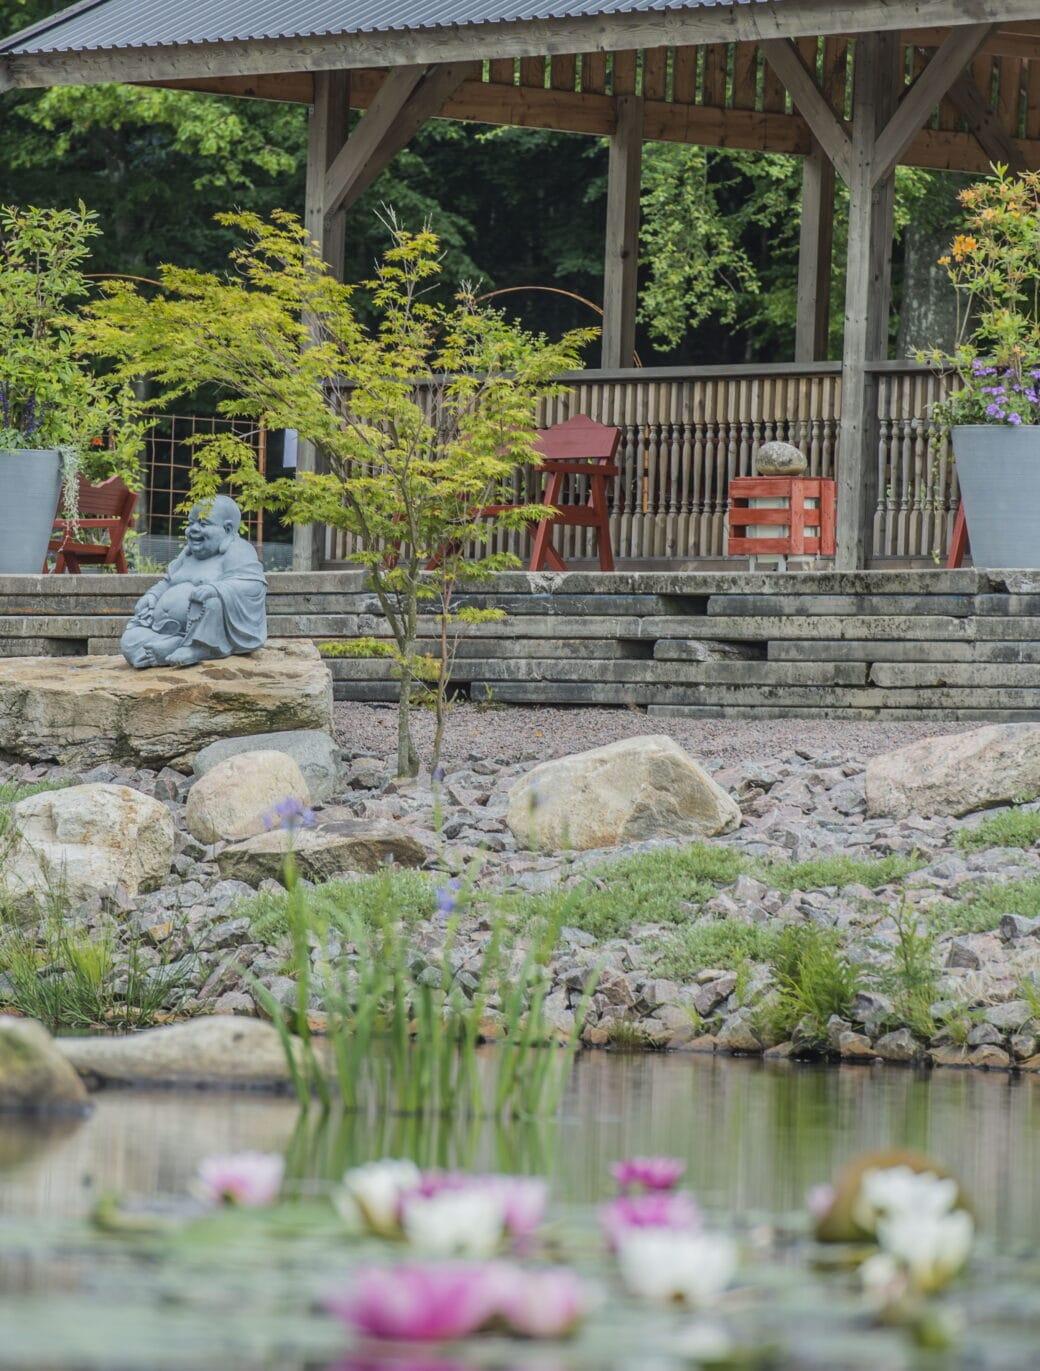 Hillesgårdens paviljong med Buddha-figur